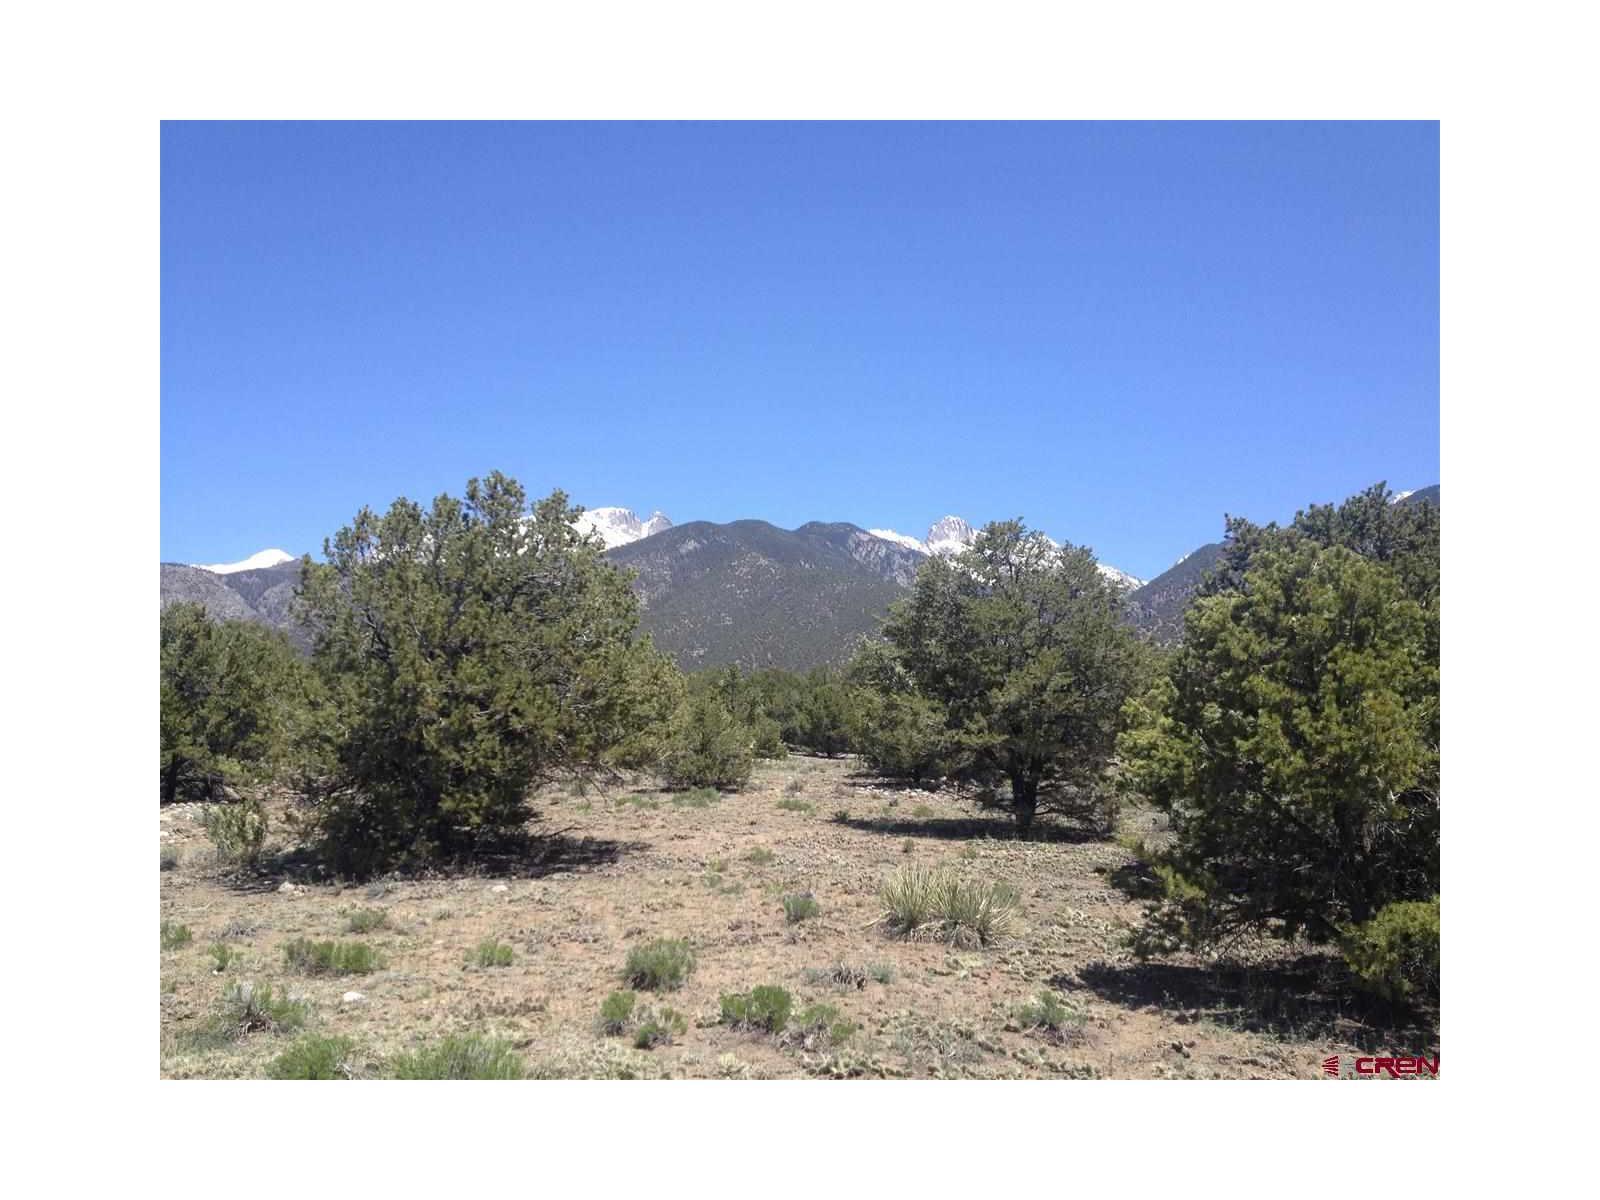 4141 Prosperity Way, Crestone, CO 81131 - Crestone, CO real estate listing